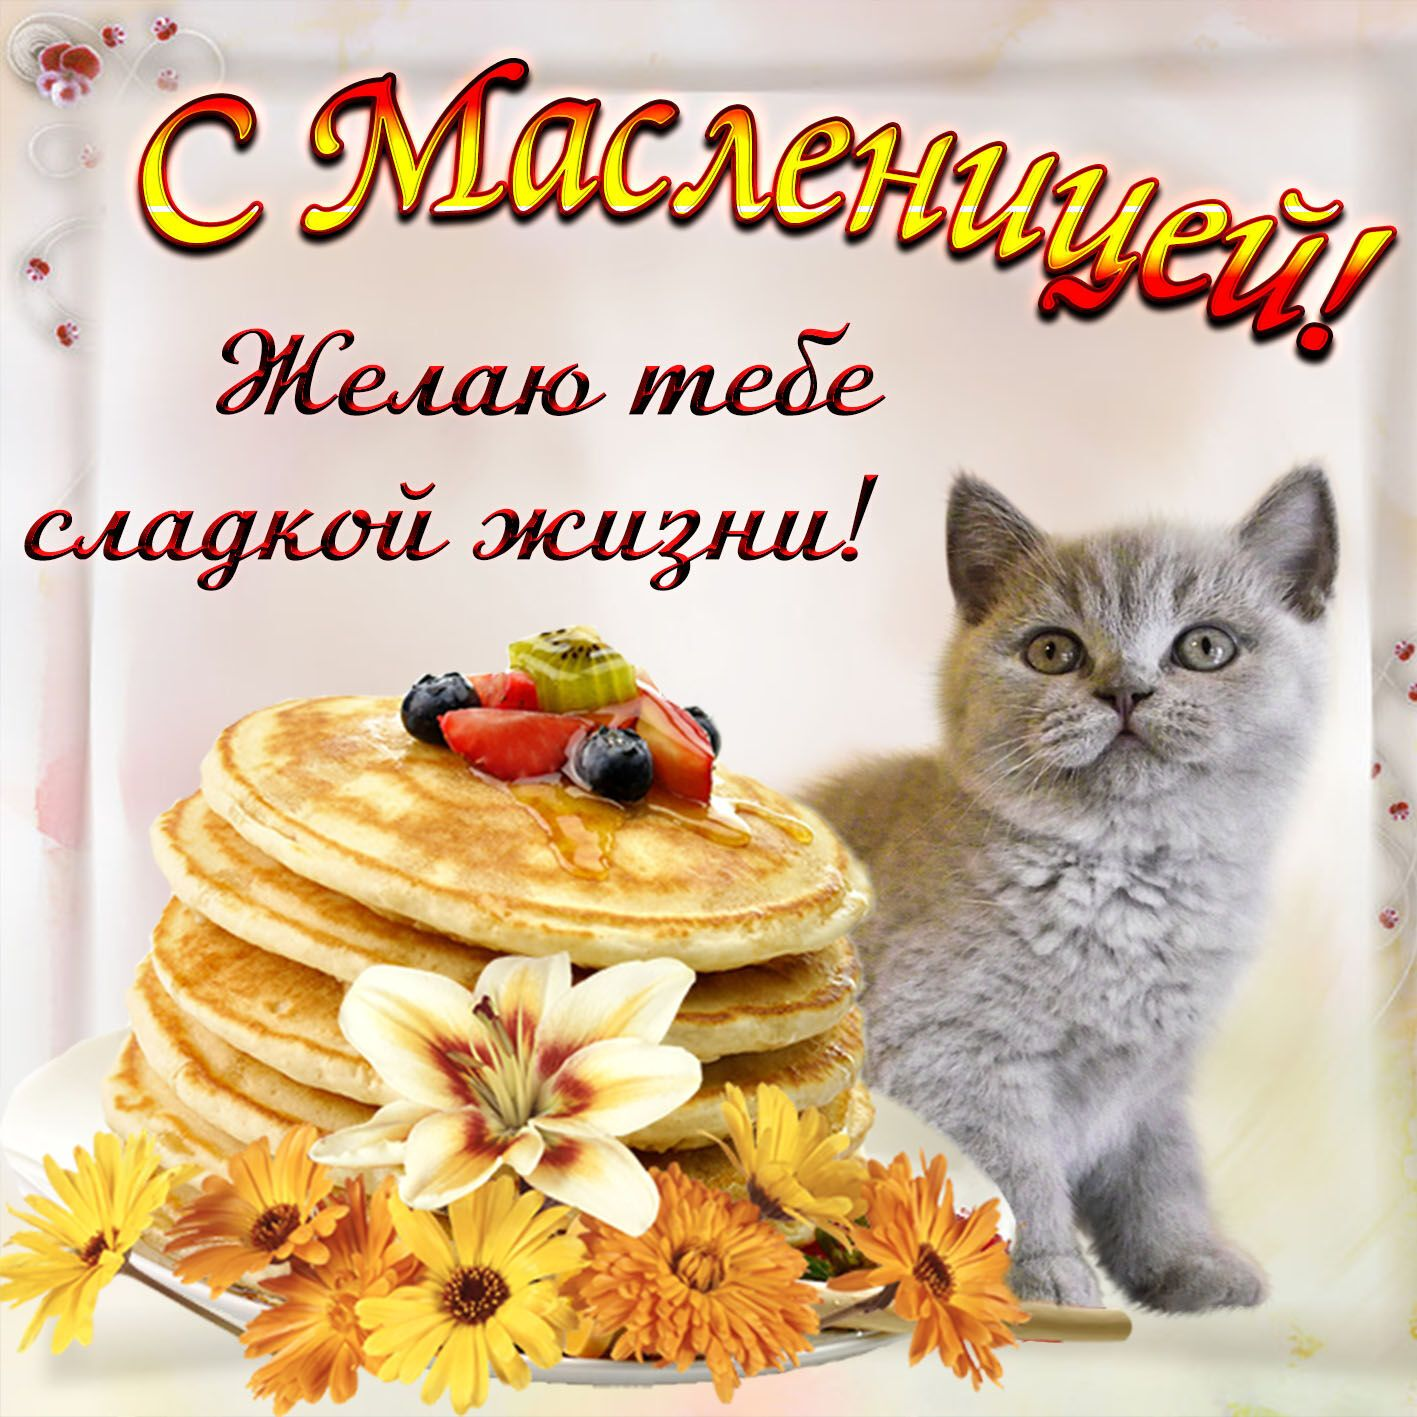 З Масляною! Яскраві листівки і картинки для привітання на свято